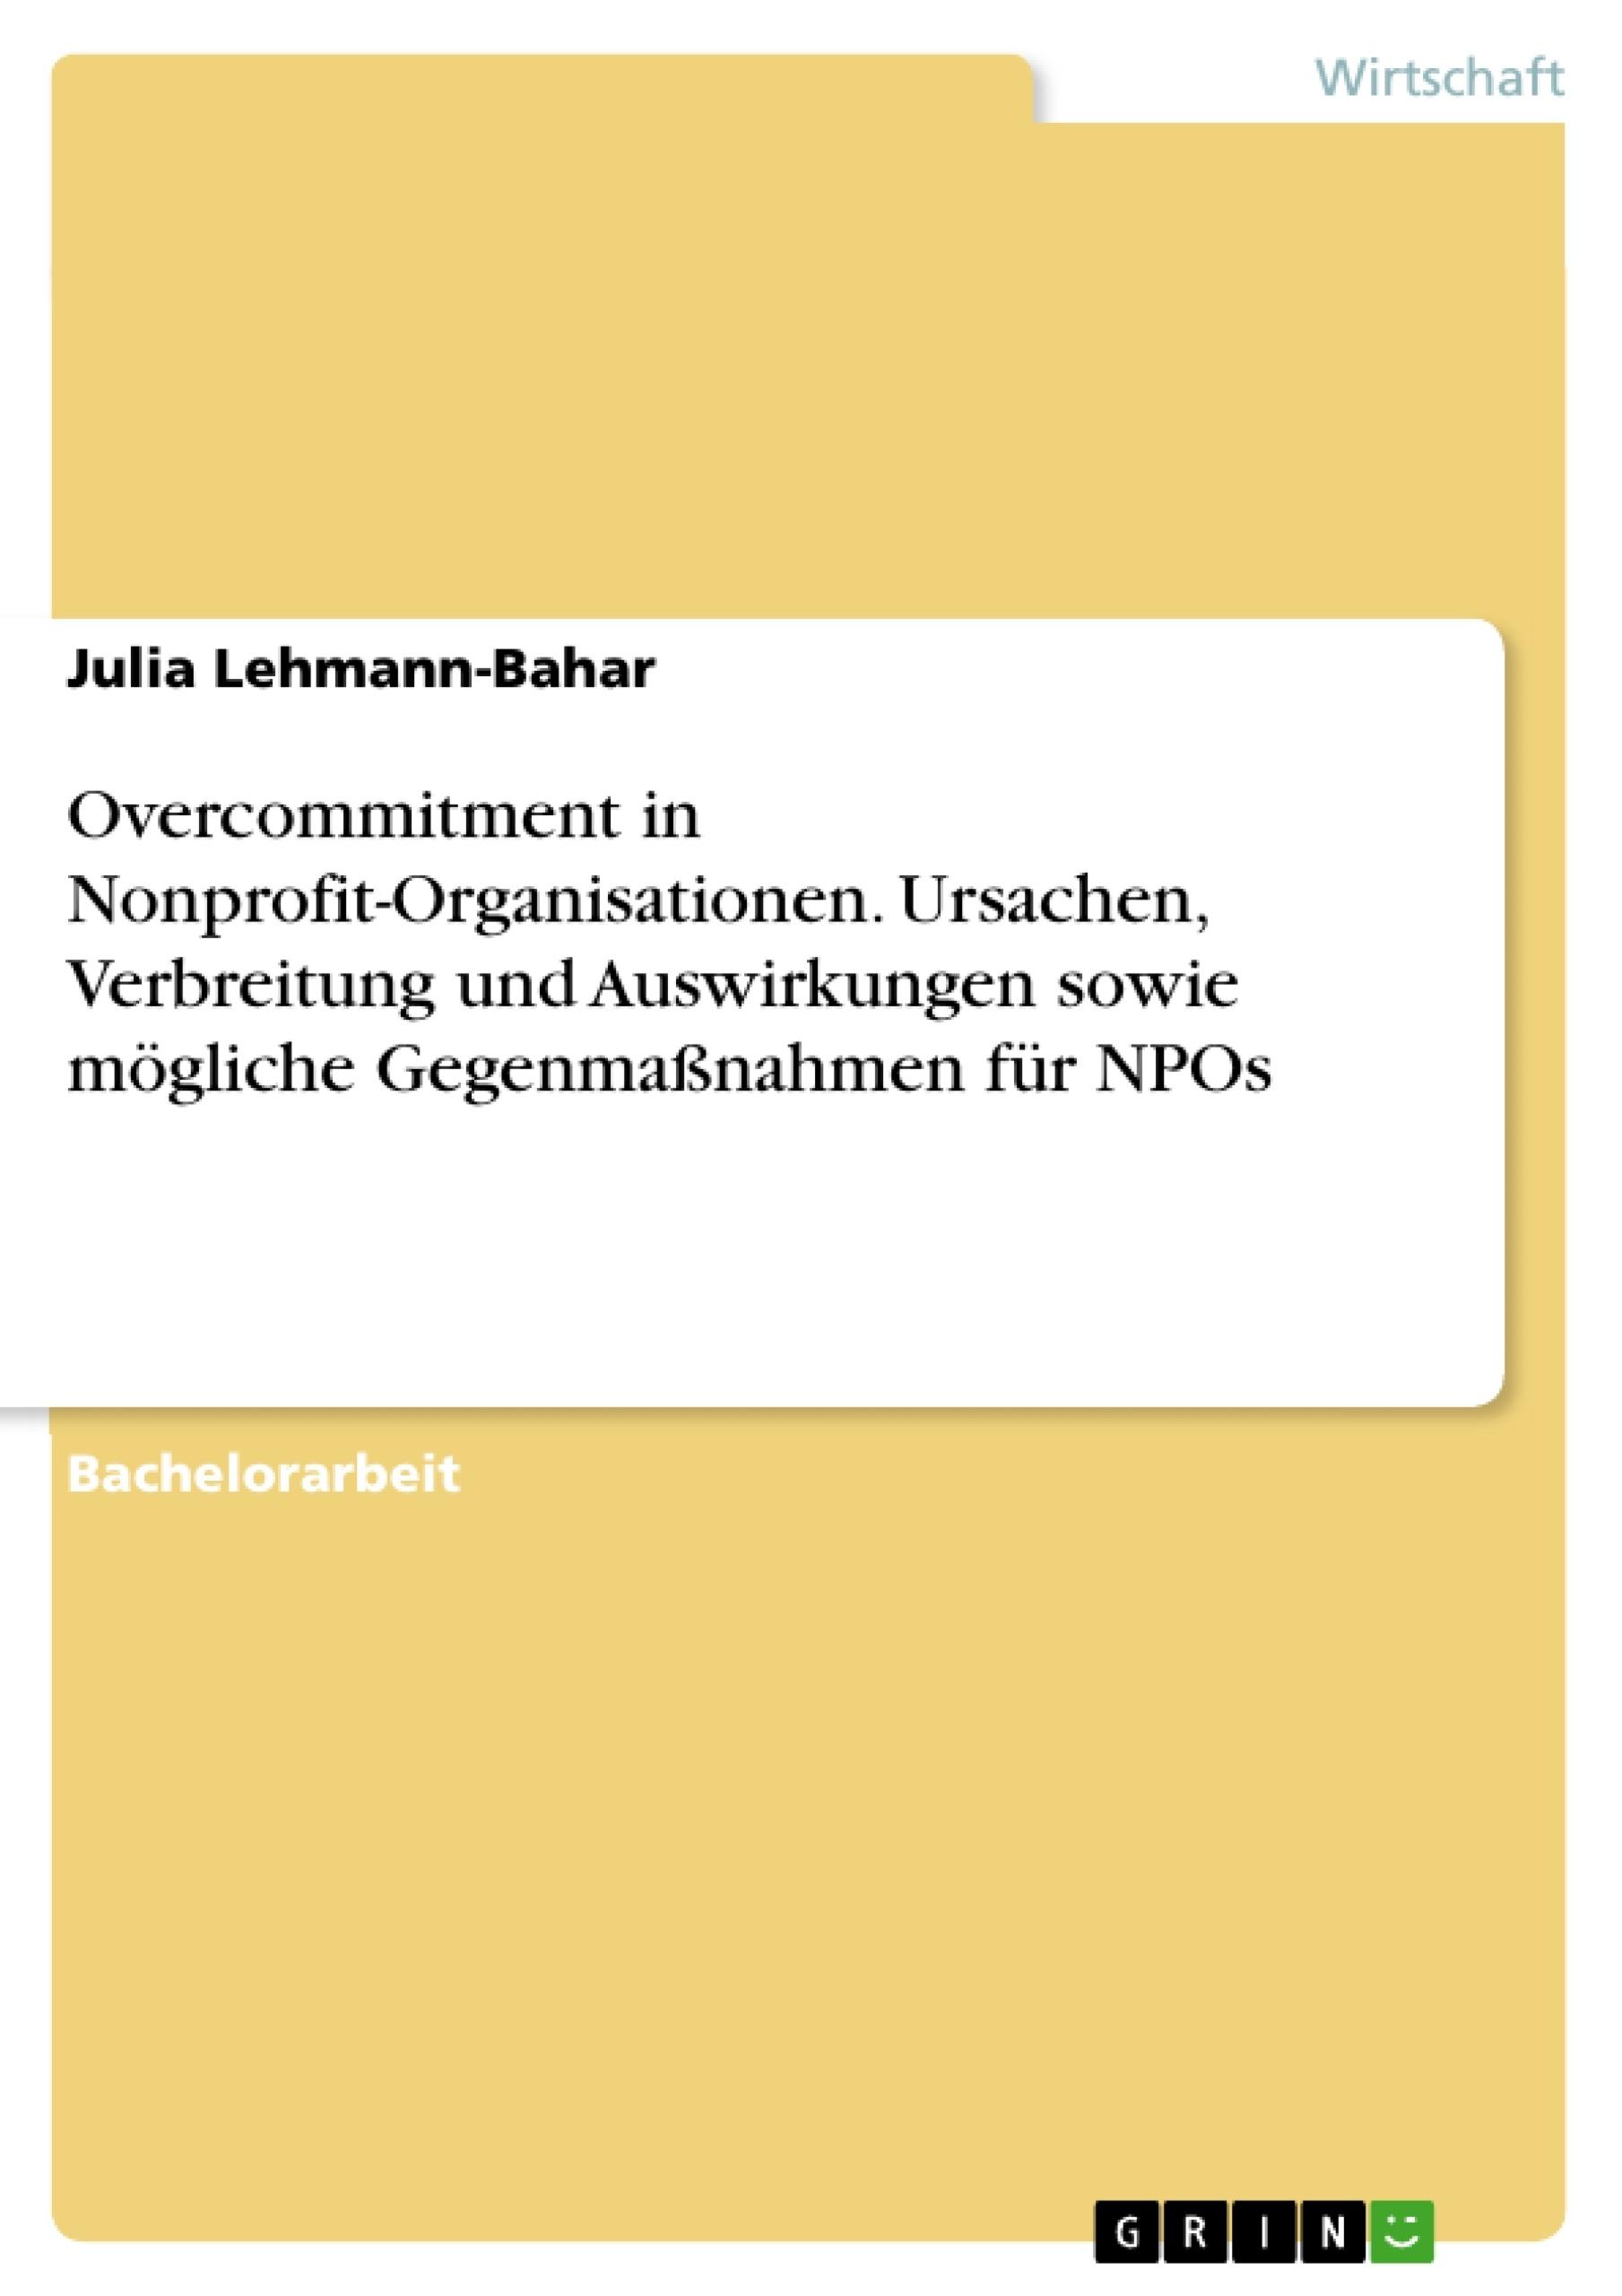 Titel: Overcommitment in Nonprofit-Organisationen. Ursachen, Verbreitung und Auswirkungen sowie mögliche Gegenmaßnahmen für NPOs